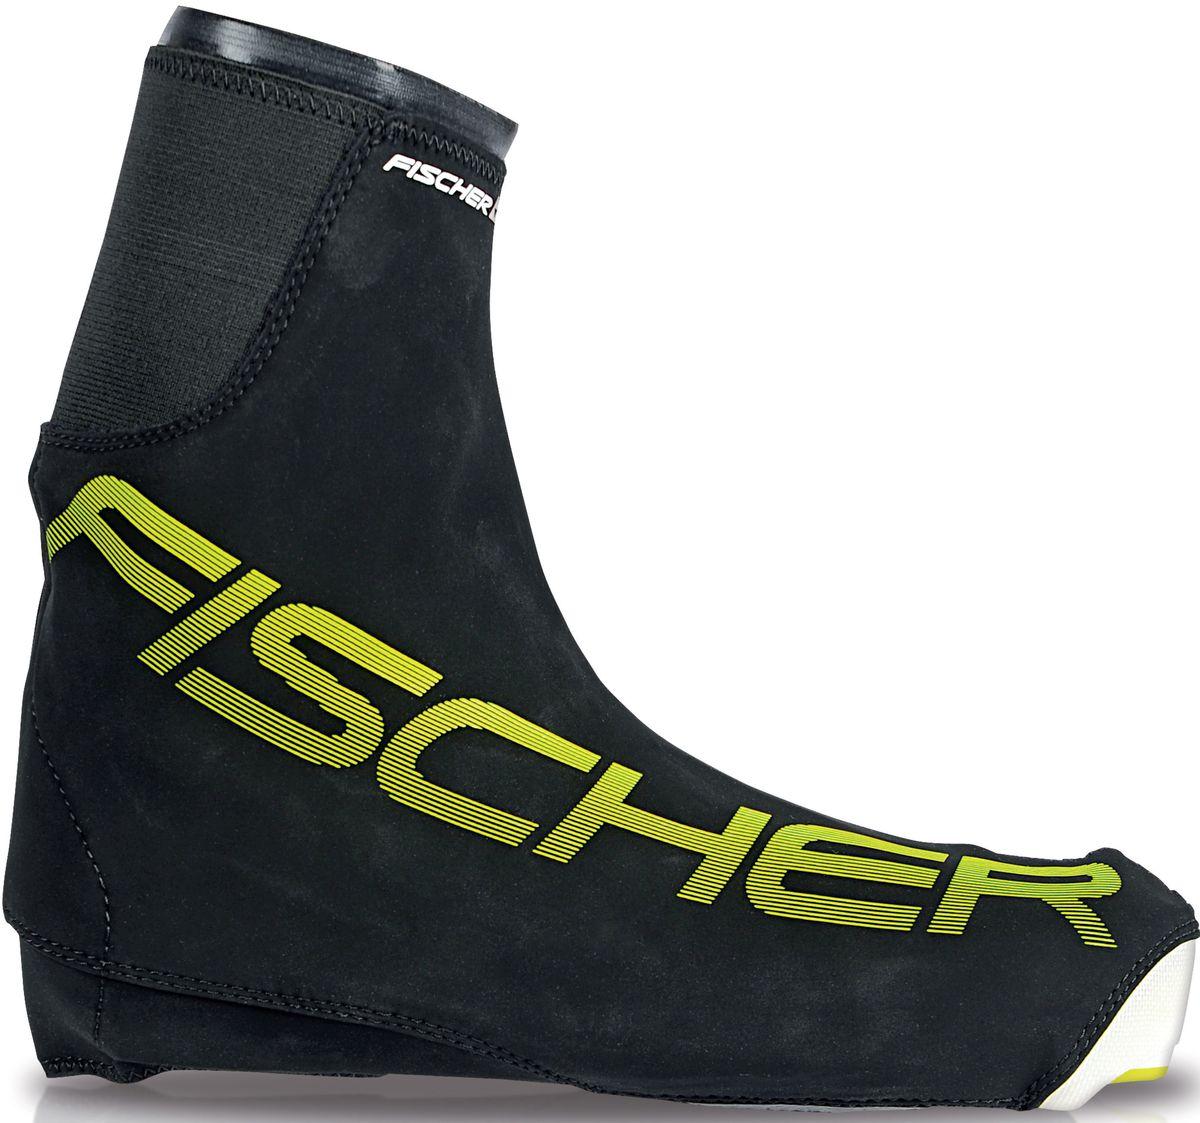 Чехлы для лыжных ботинок Fischer Bootcover Race, размер M. S43115S43115Практичный и удобный чехол для лыжных ботинок Fischer BootCover Race станет незаменимым помощником на тренировках, разминках и просто в холодную погоду. Он надежно защитит ноги от холода и влаги.